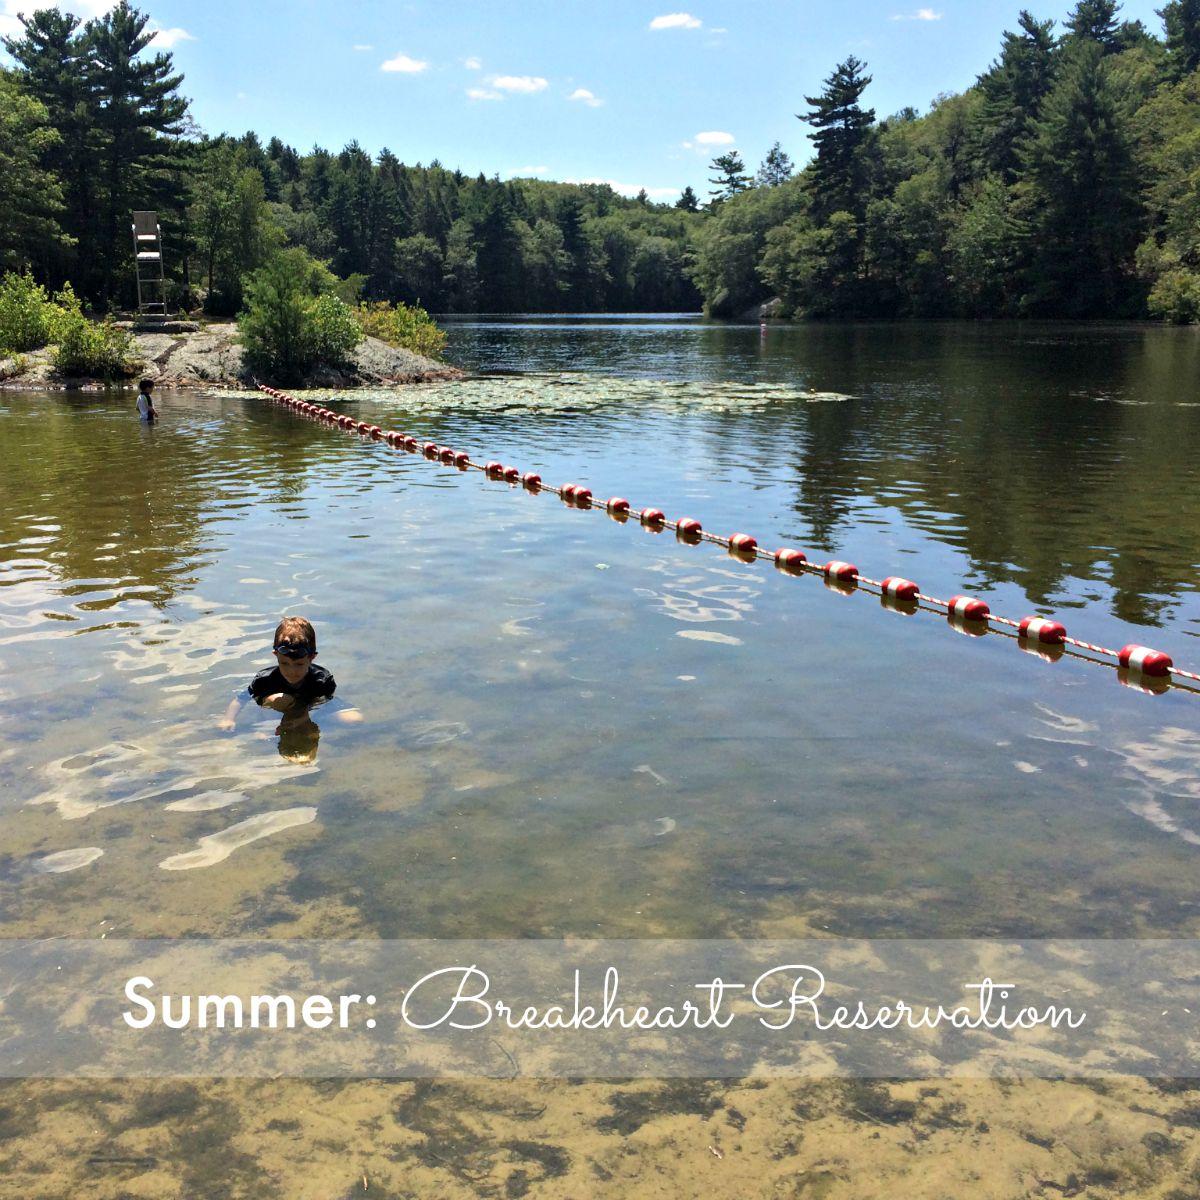 Summer: Breakheart Reservation